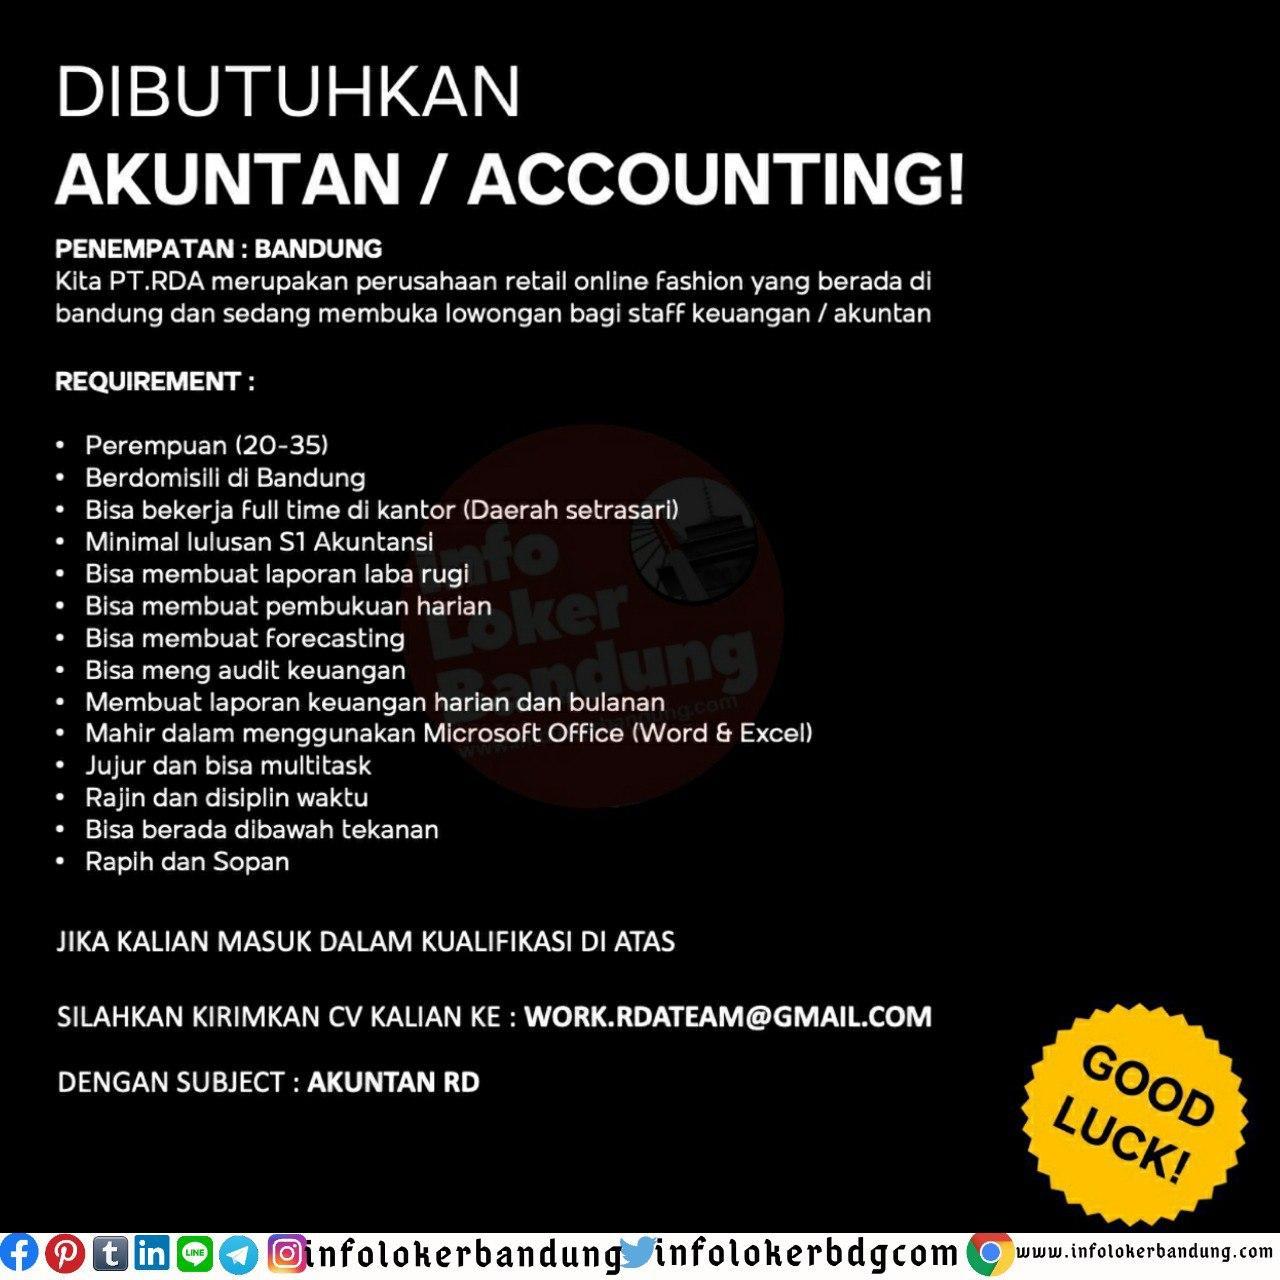 Lowongan Kerja Akuntan / Accounting PT. RDA Bandung Juni 2020